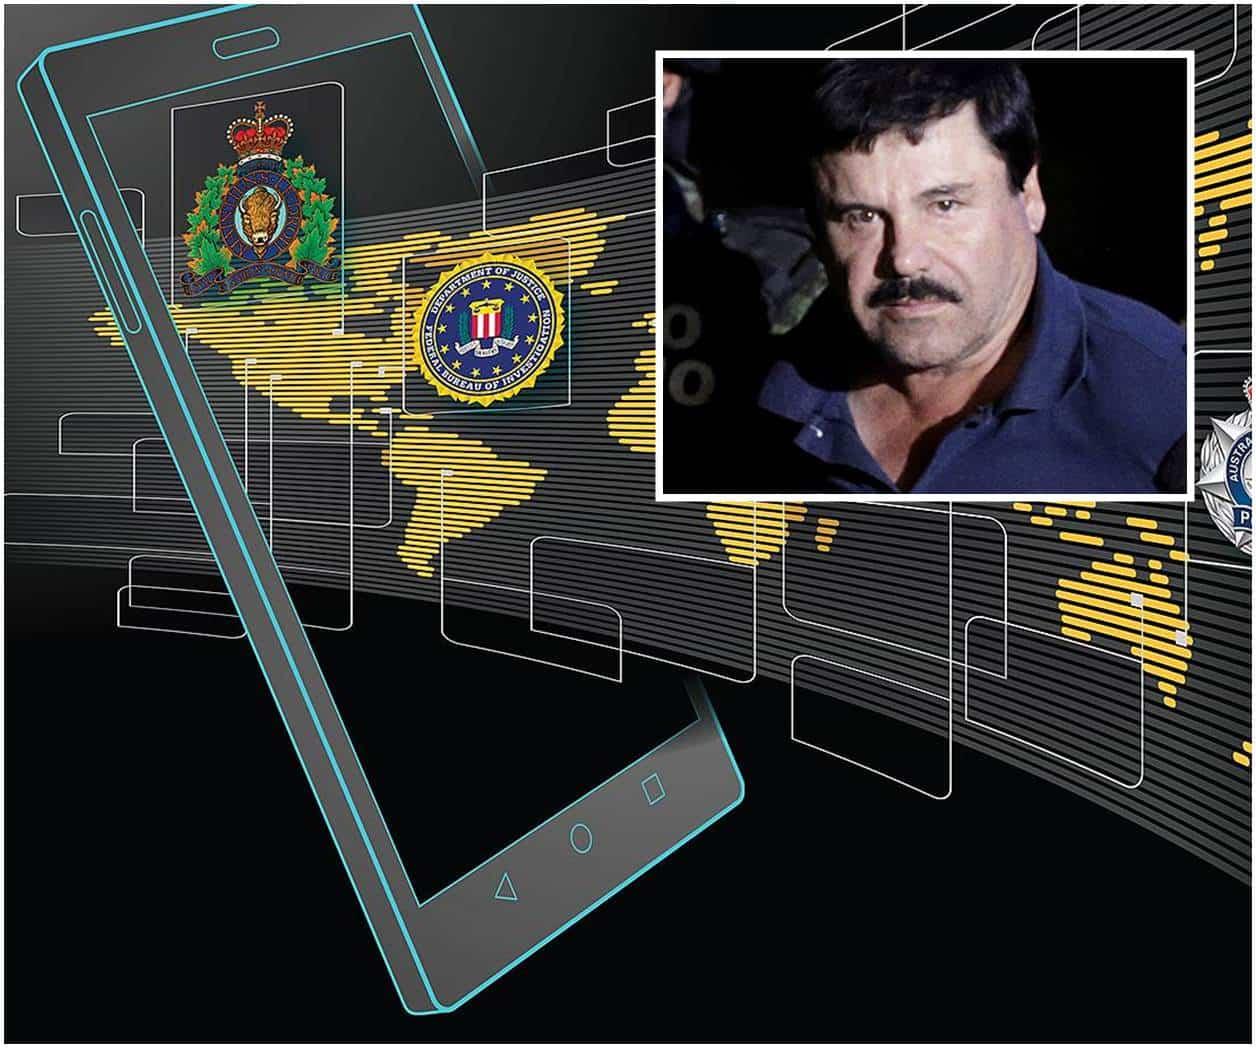 Estos son los celulares encriptados del Cártel de Sinaloa